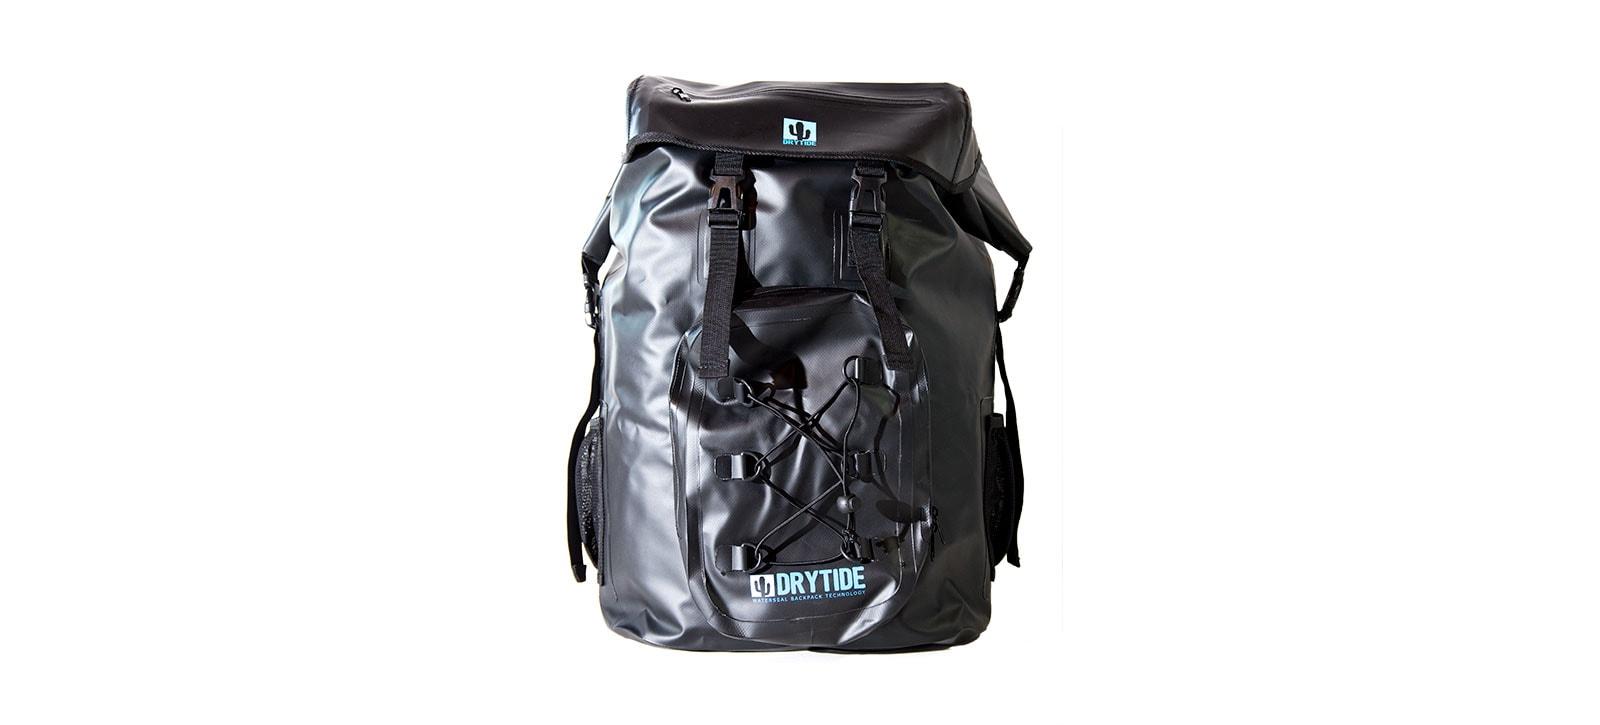 DryTide-backpack